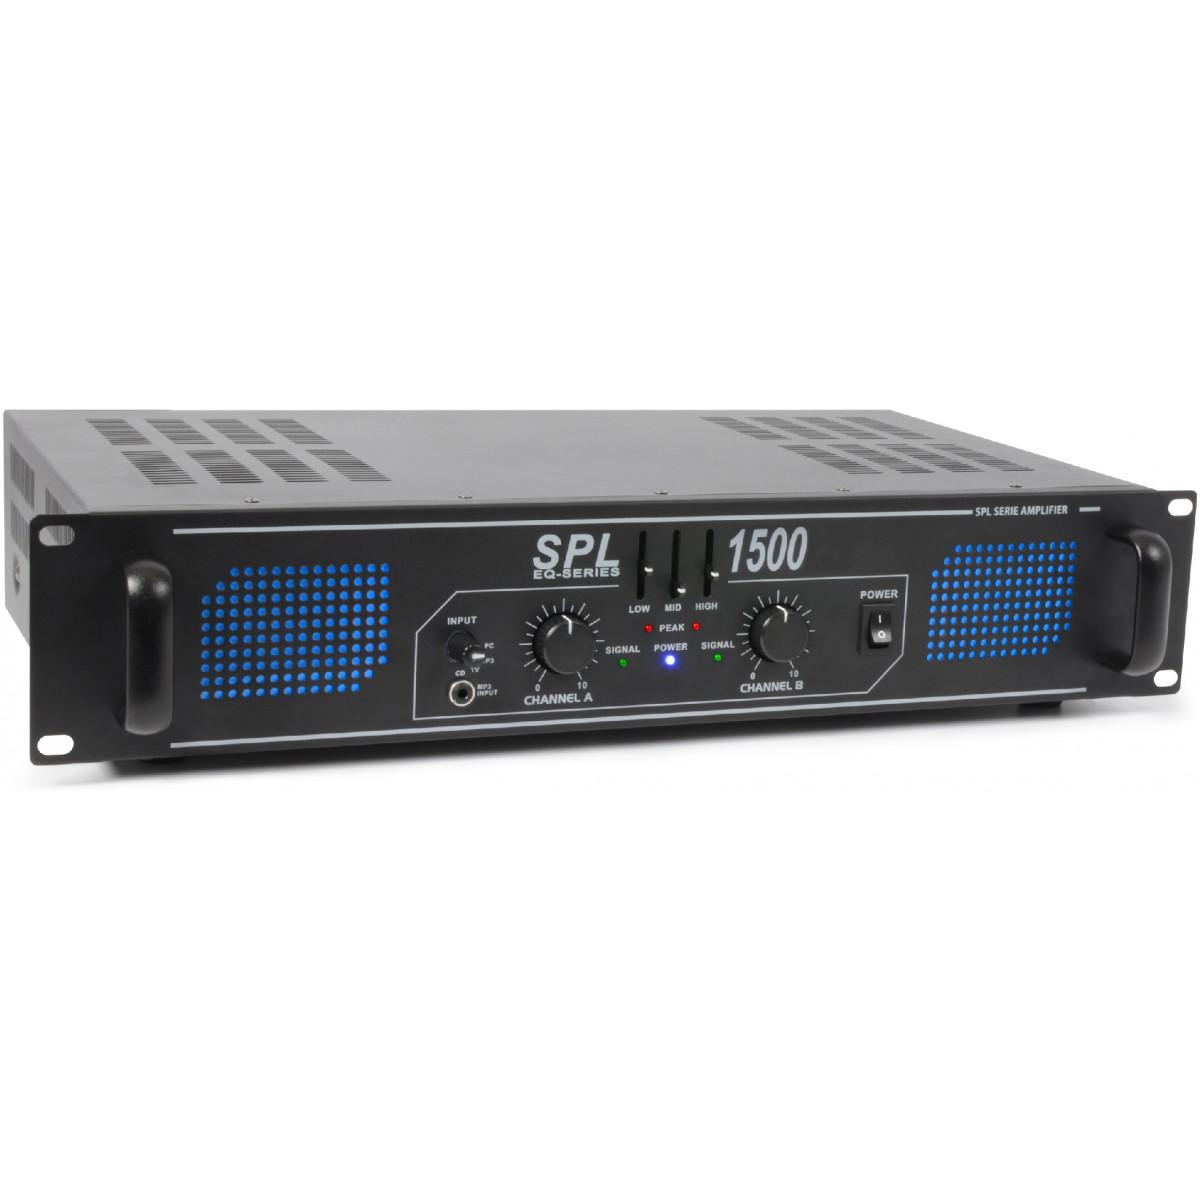 Skytec SPL 1500 Amplifier 2x 750W EQ